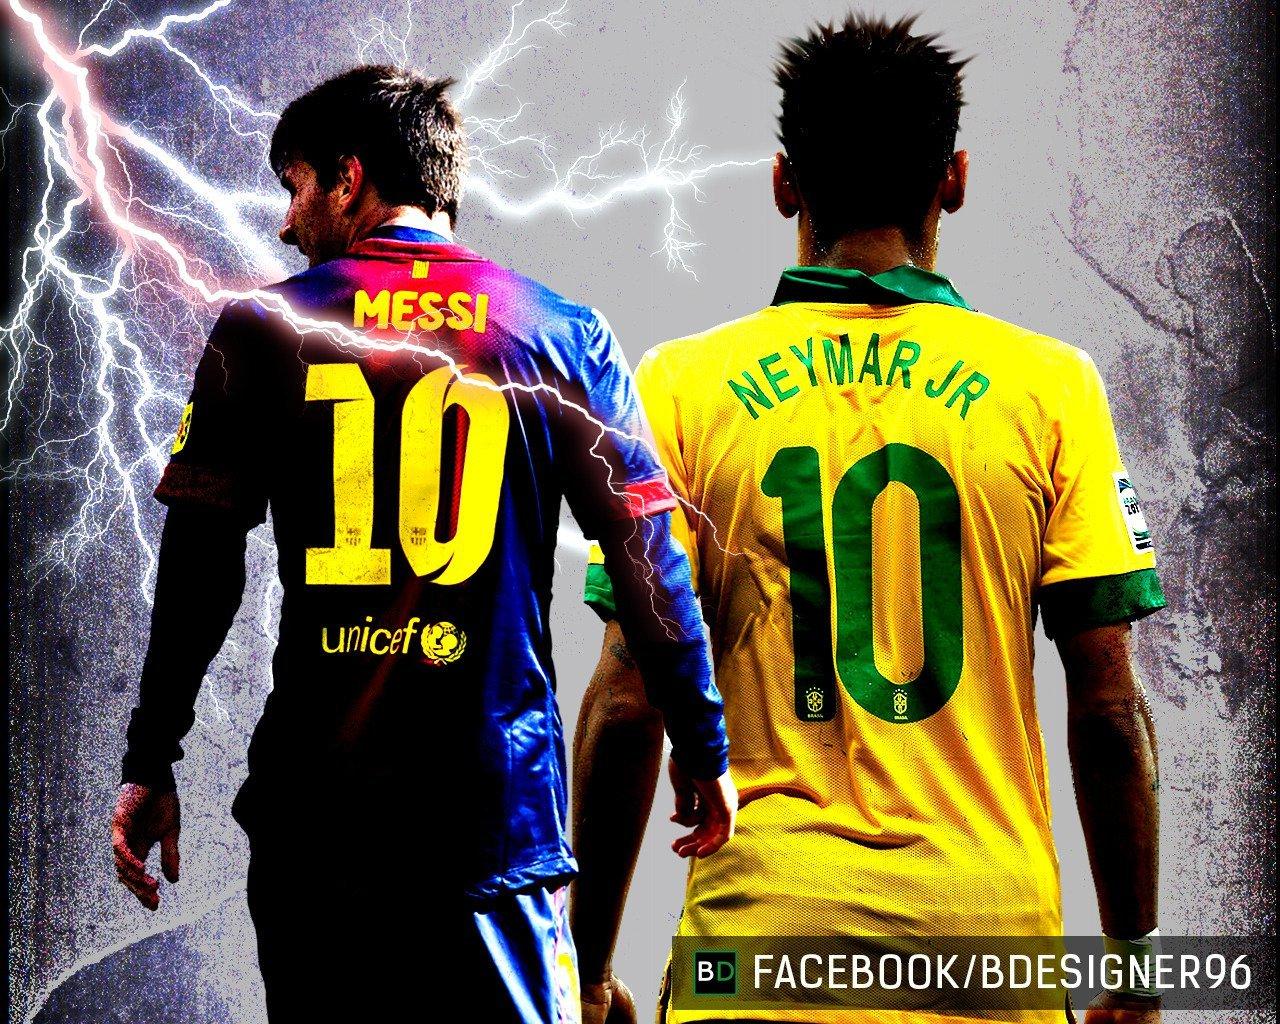 IMG] Wallpaper Messi y Neymar   Taringa 1280x1024